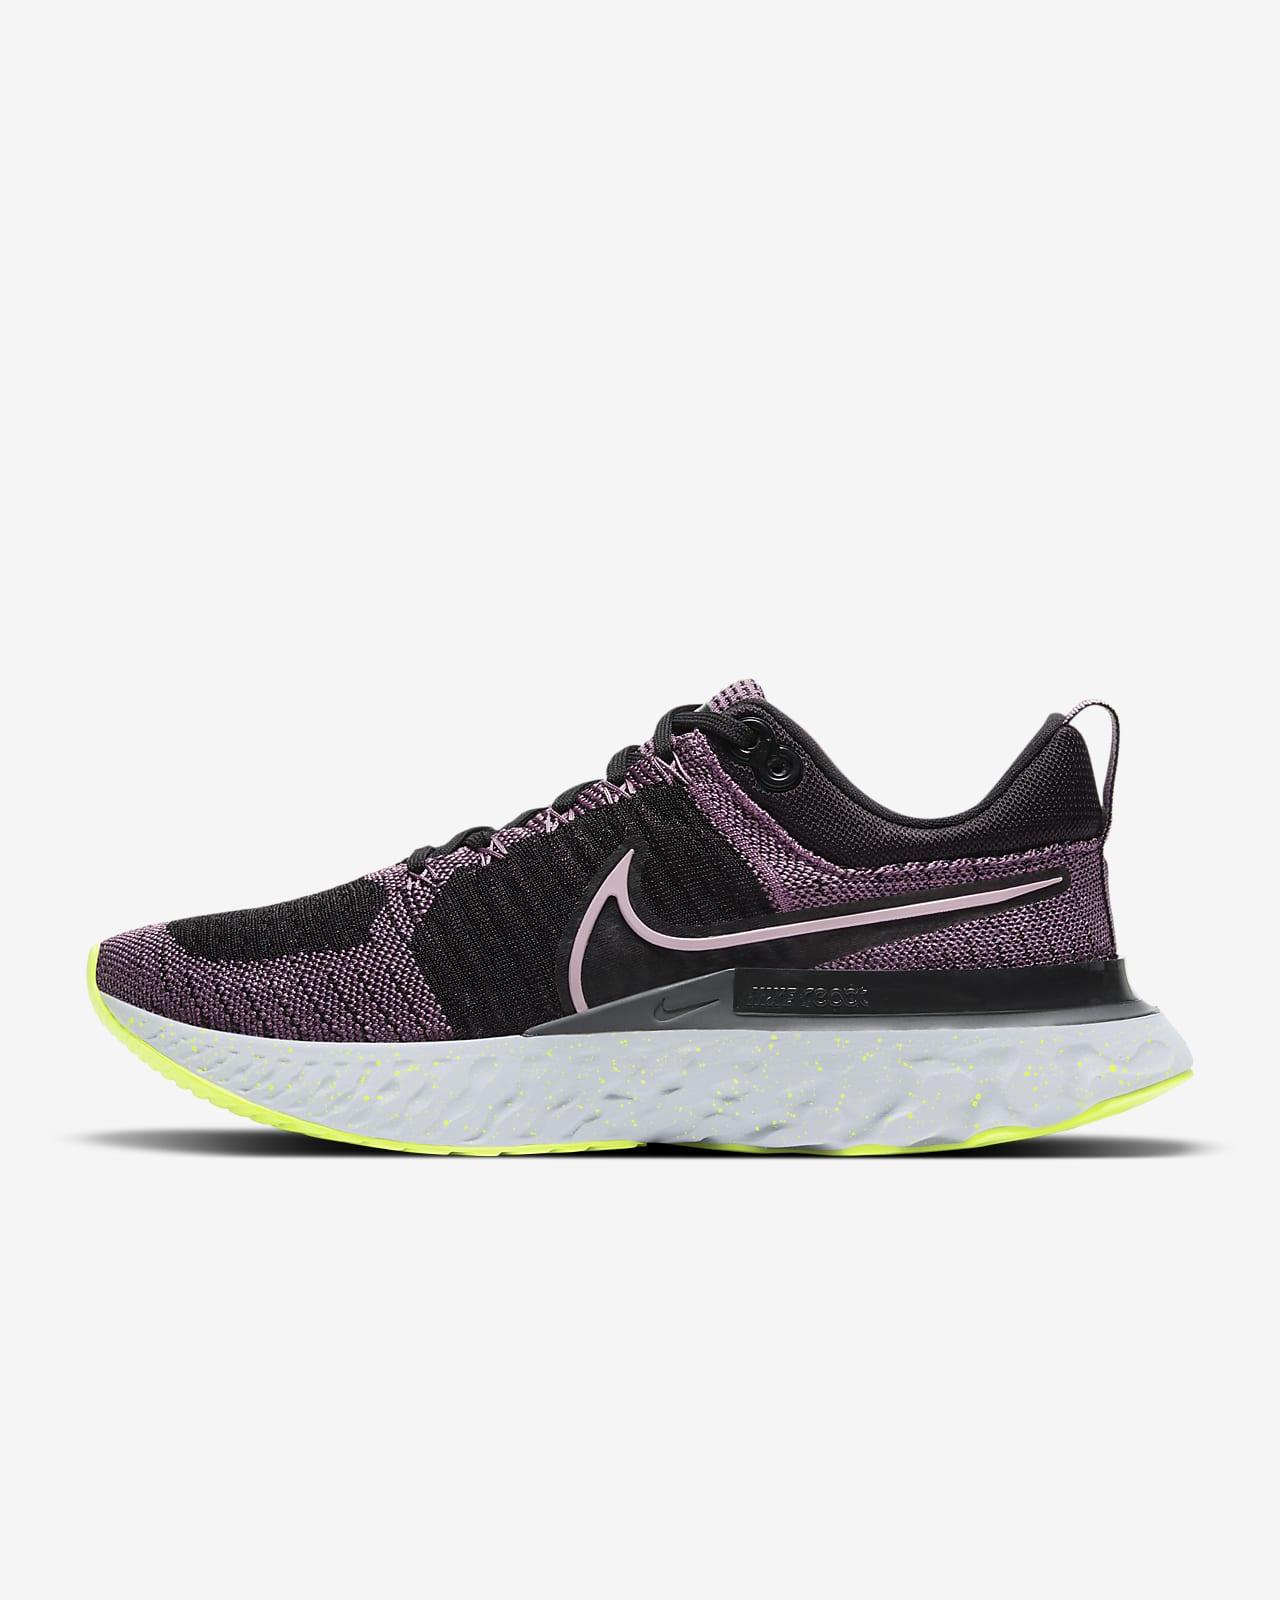 Nike React Infinity Run Flyknit 2 Hardloopschoenen voor dames